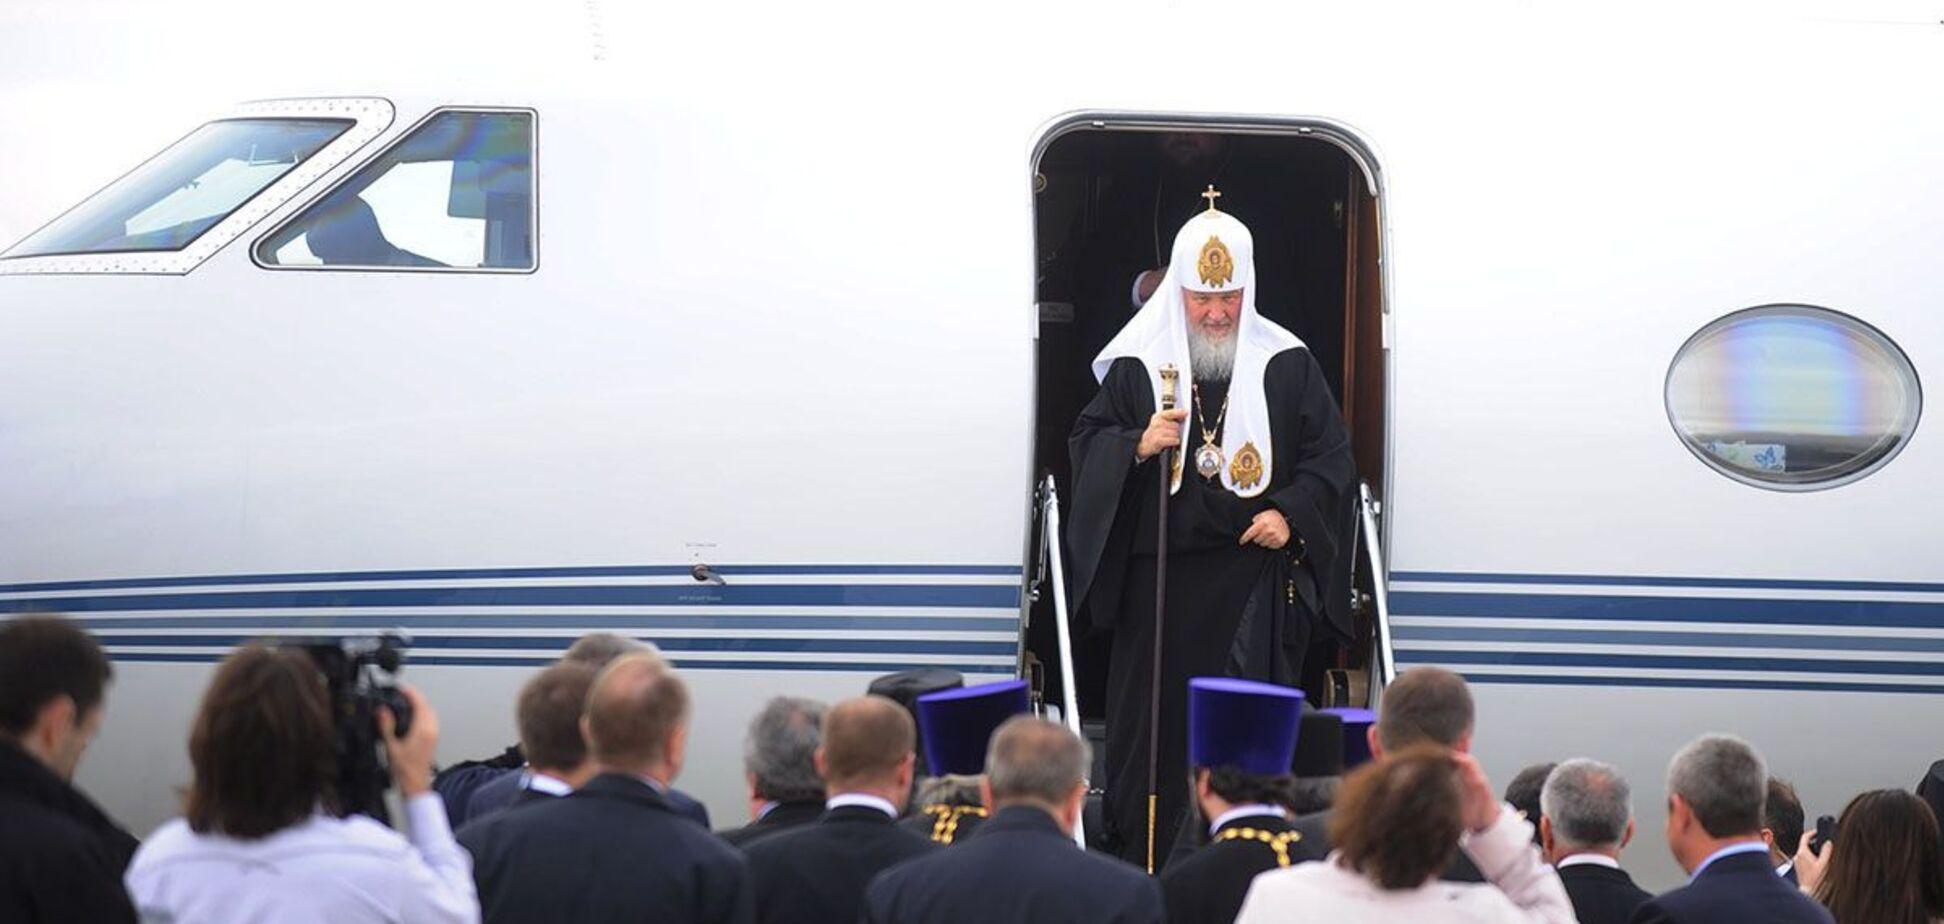 Патріарх Кирило вирішив продати свій літак